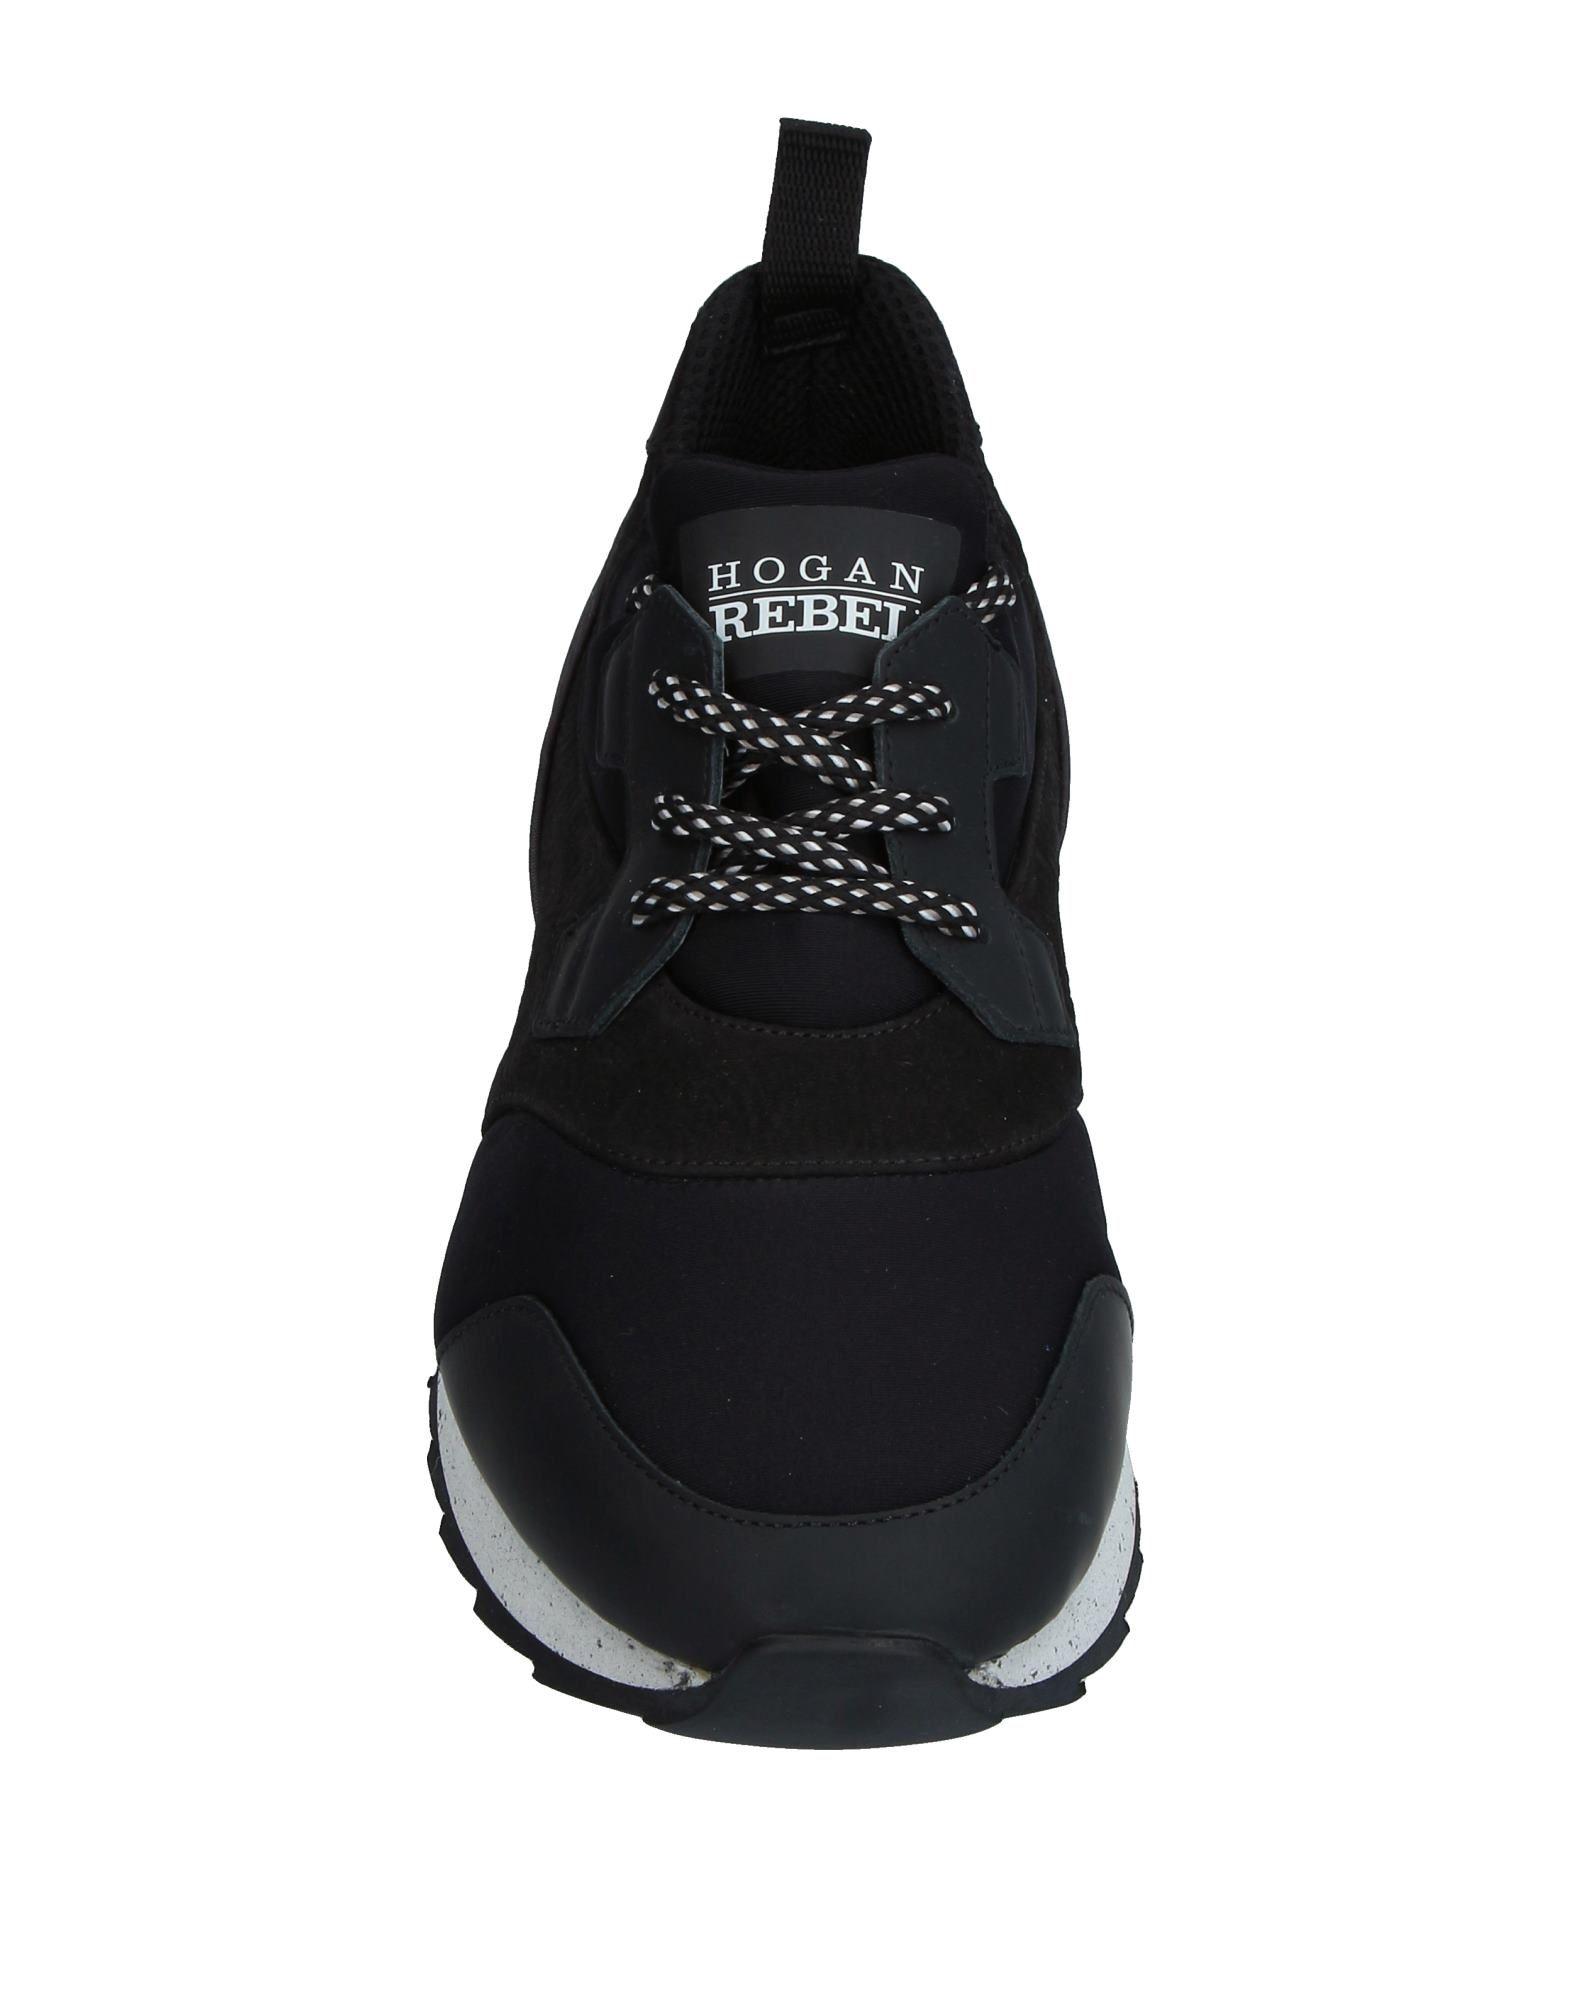 Hogan Rebel Herren Sneakers Herren Rebel  11234941OC 468255